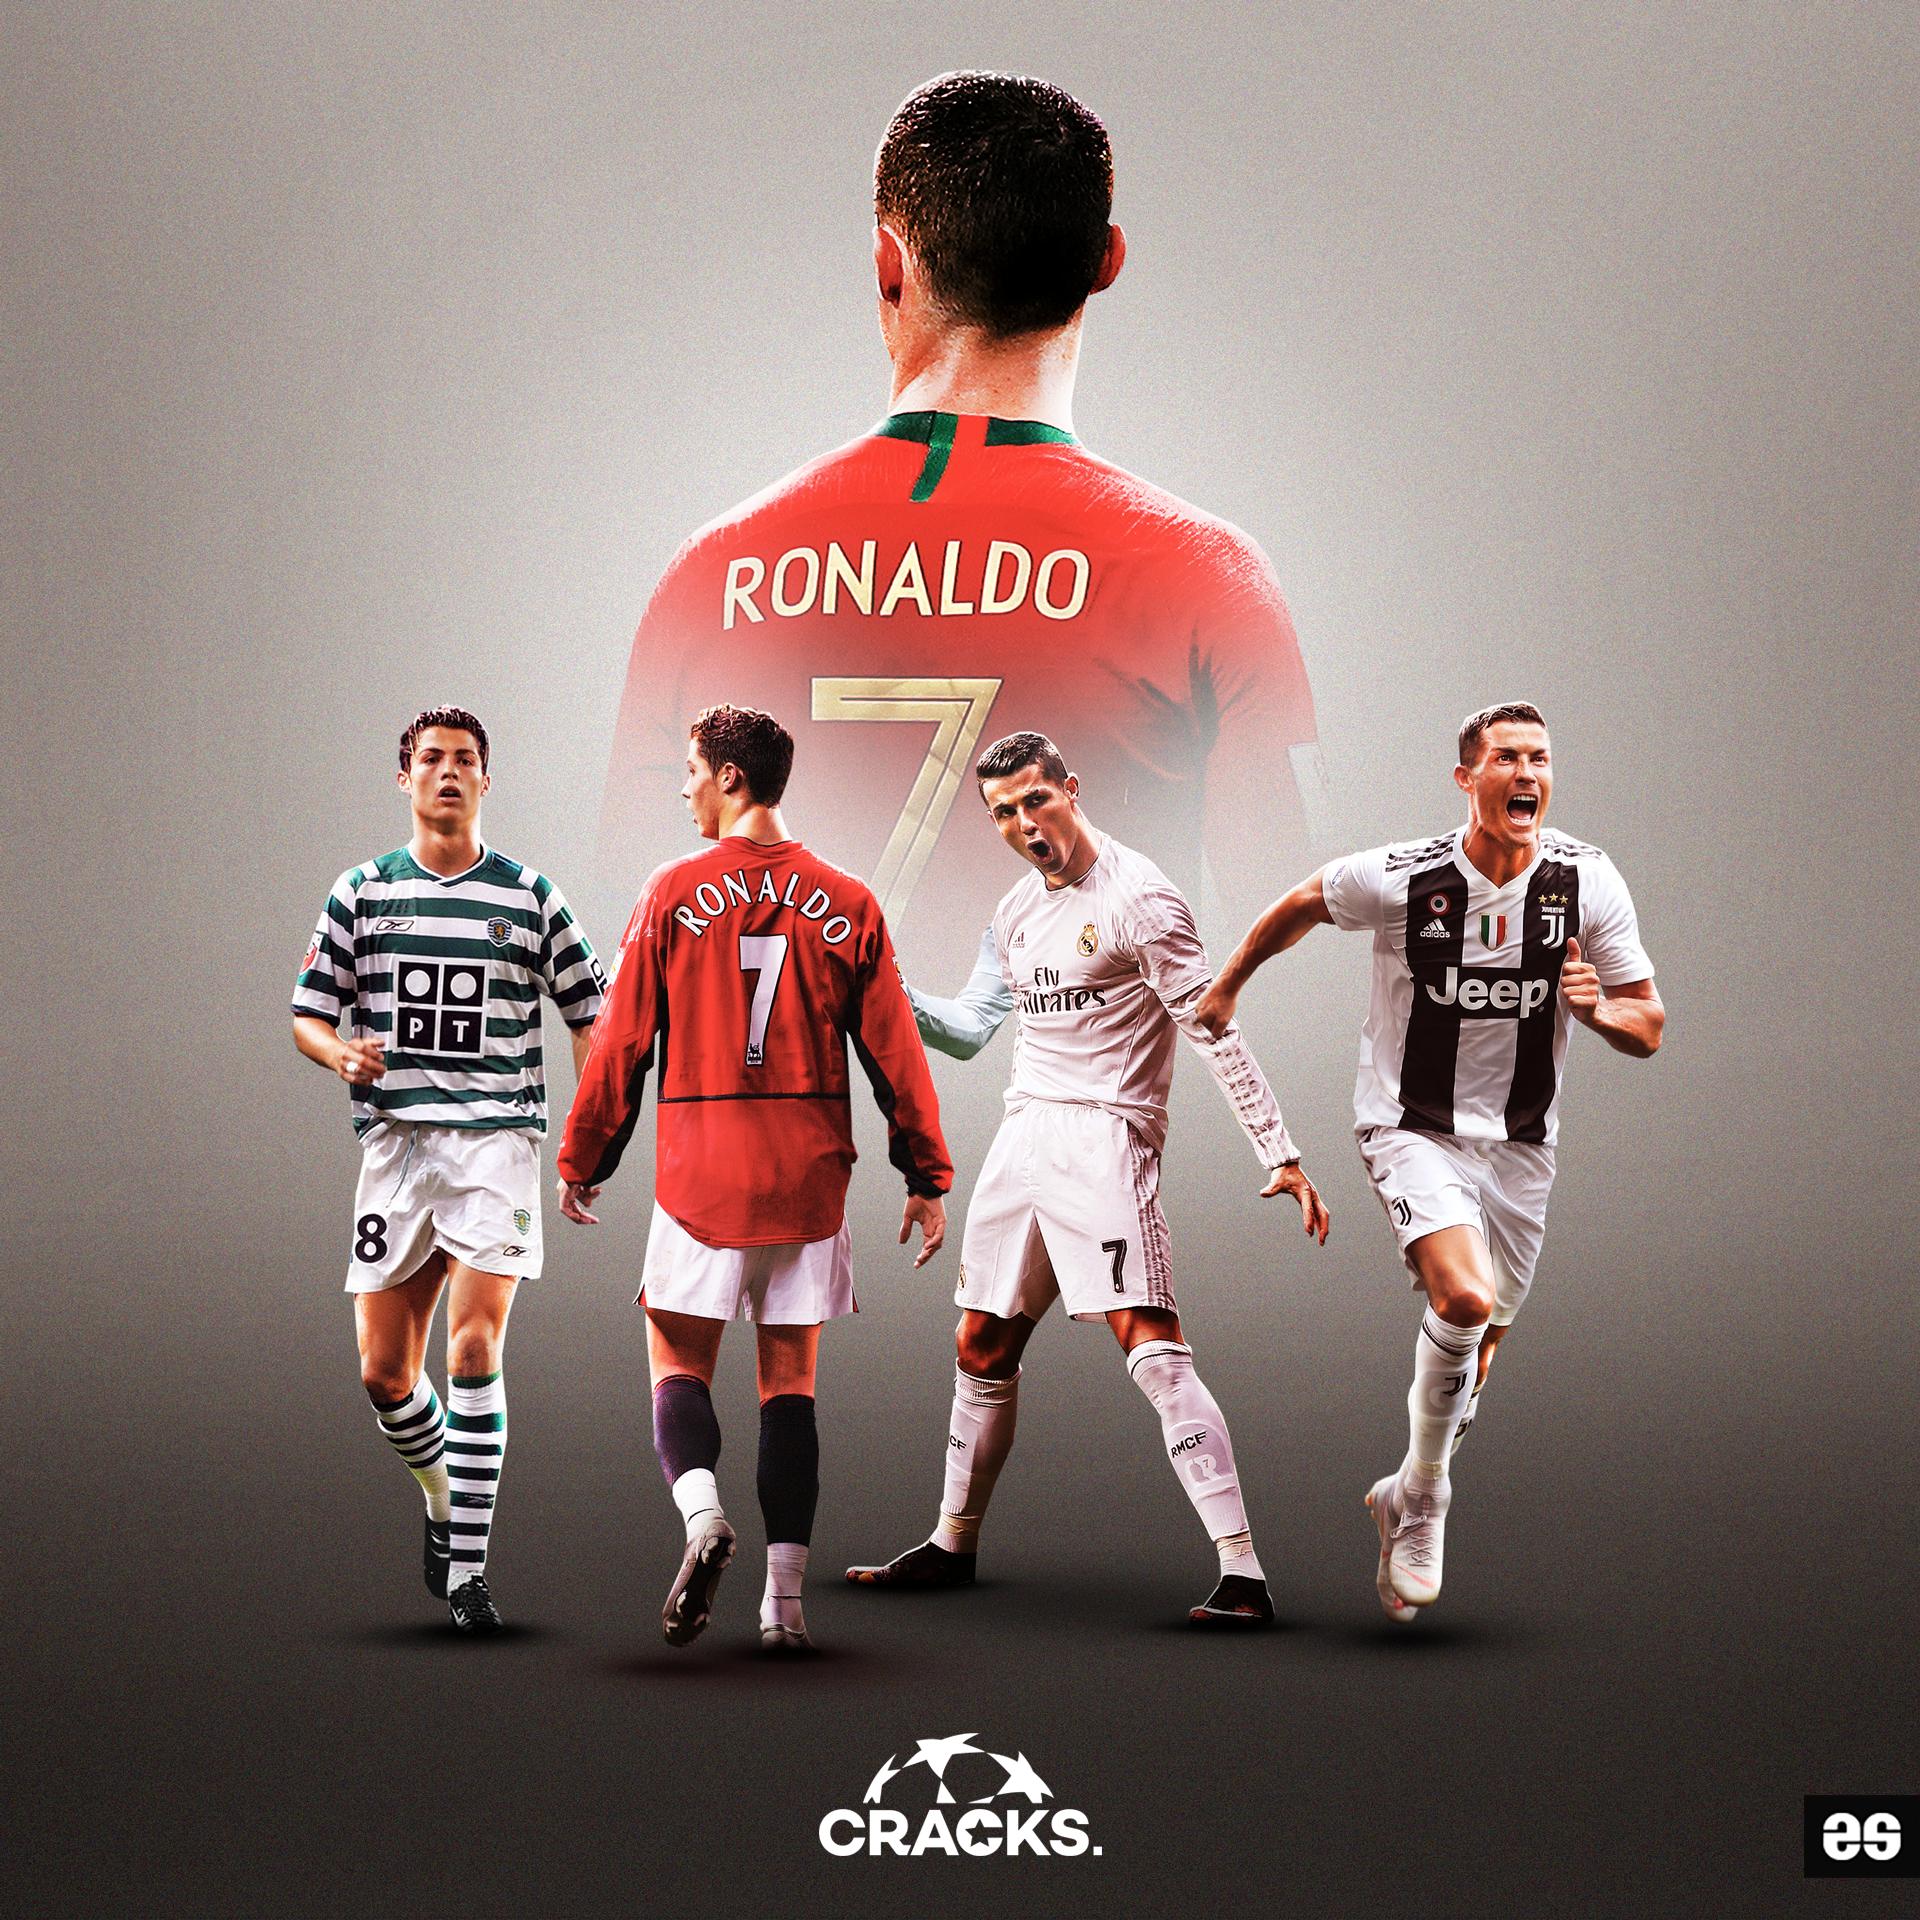 RONALDO-ALL-CRACKS